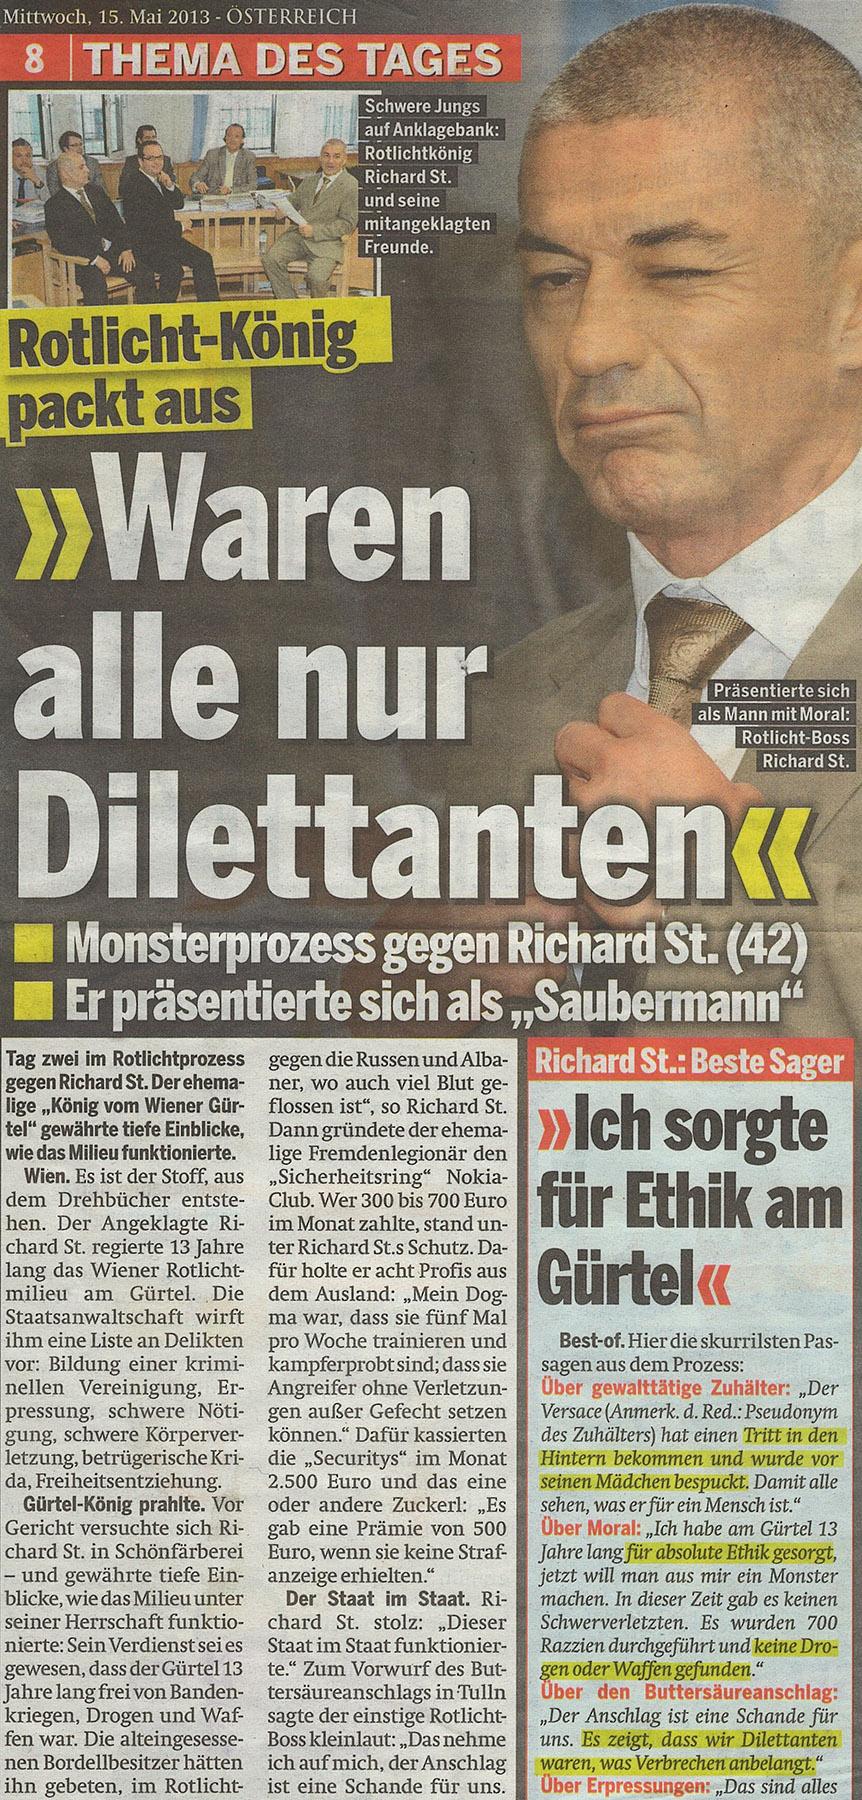 15. Mai 2013 © Österreich